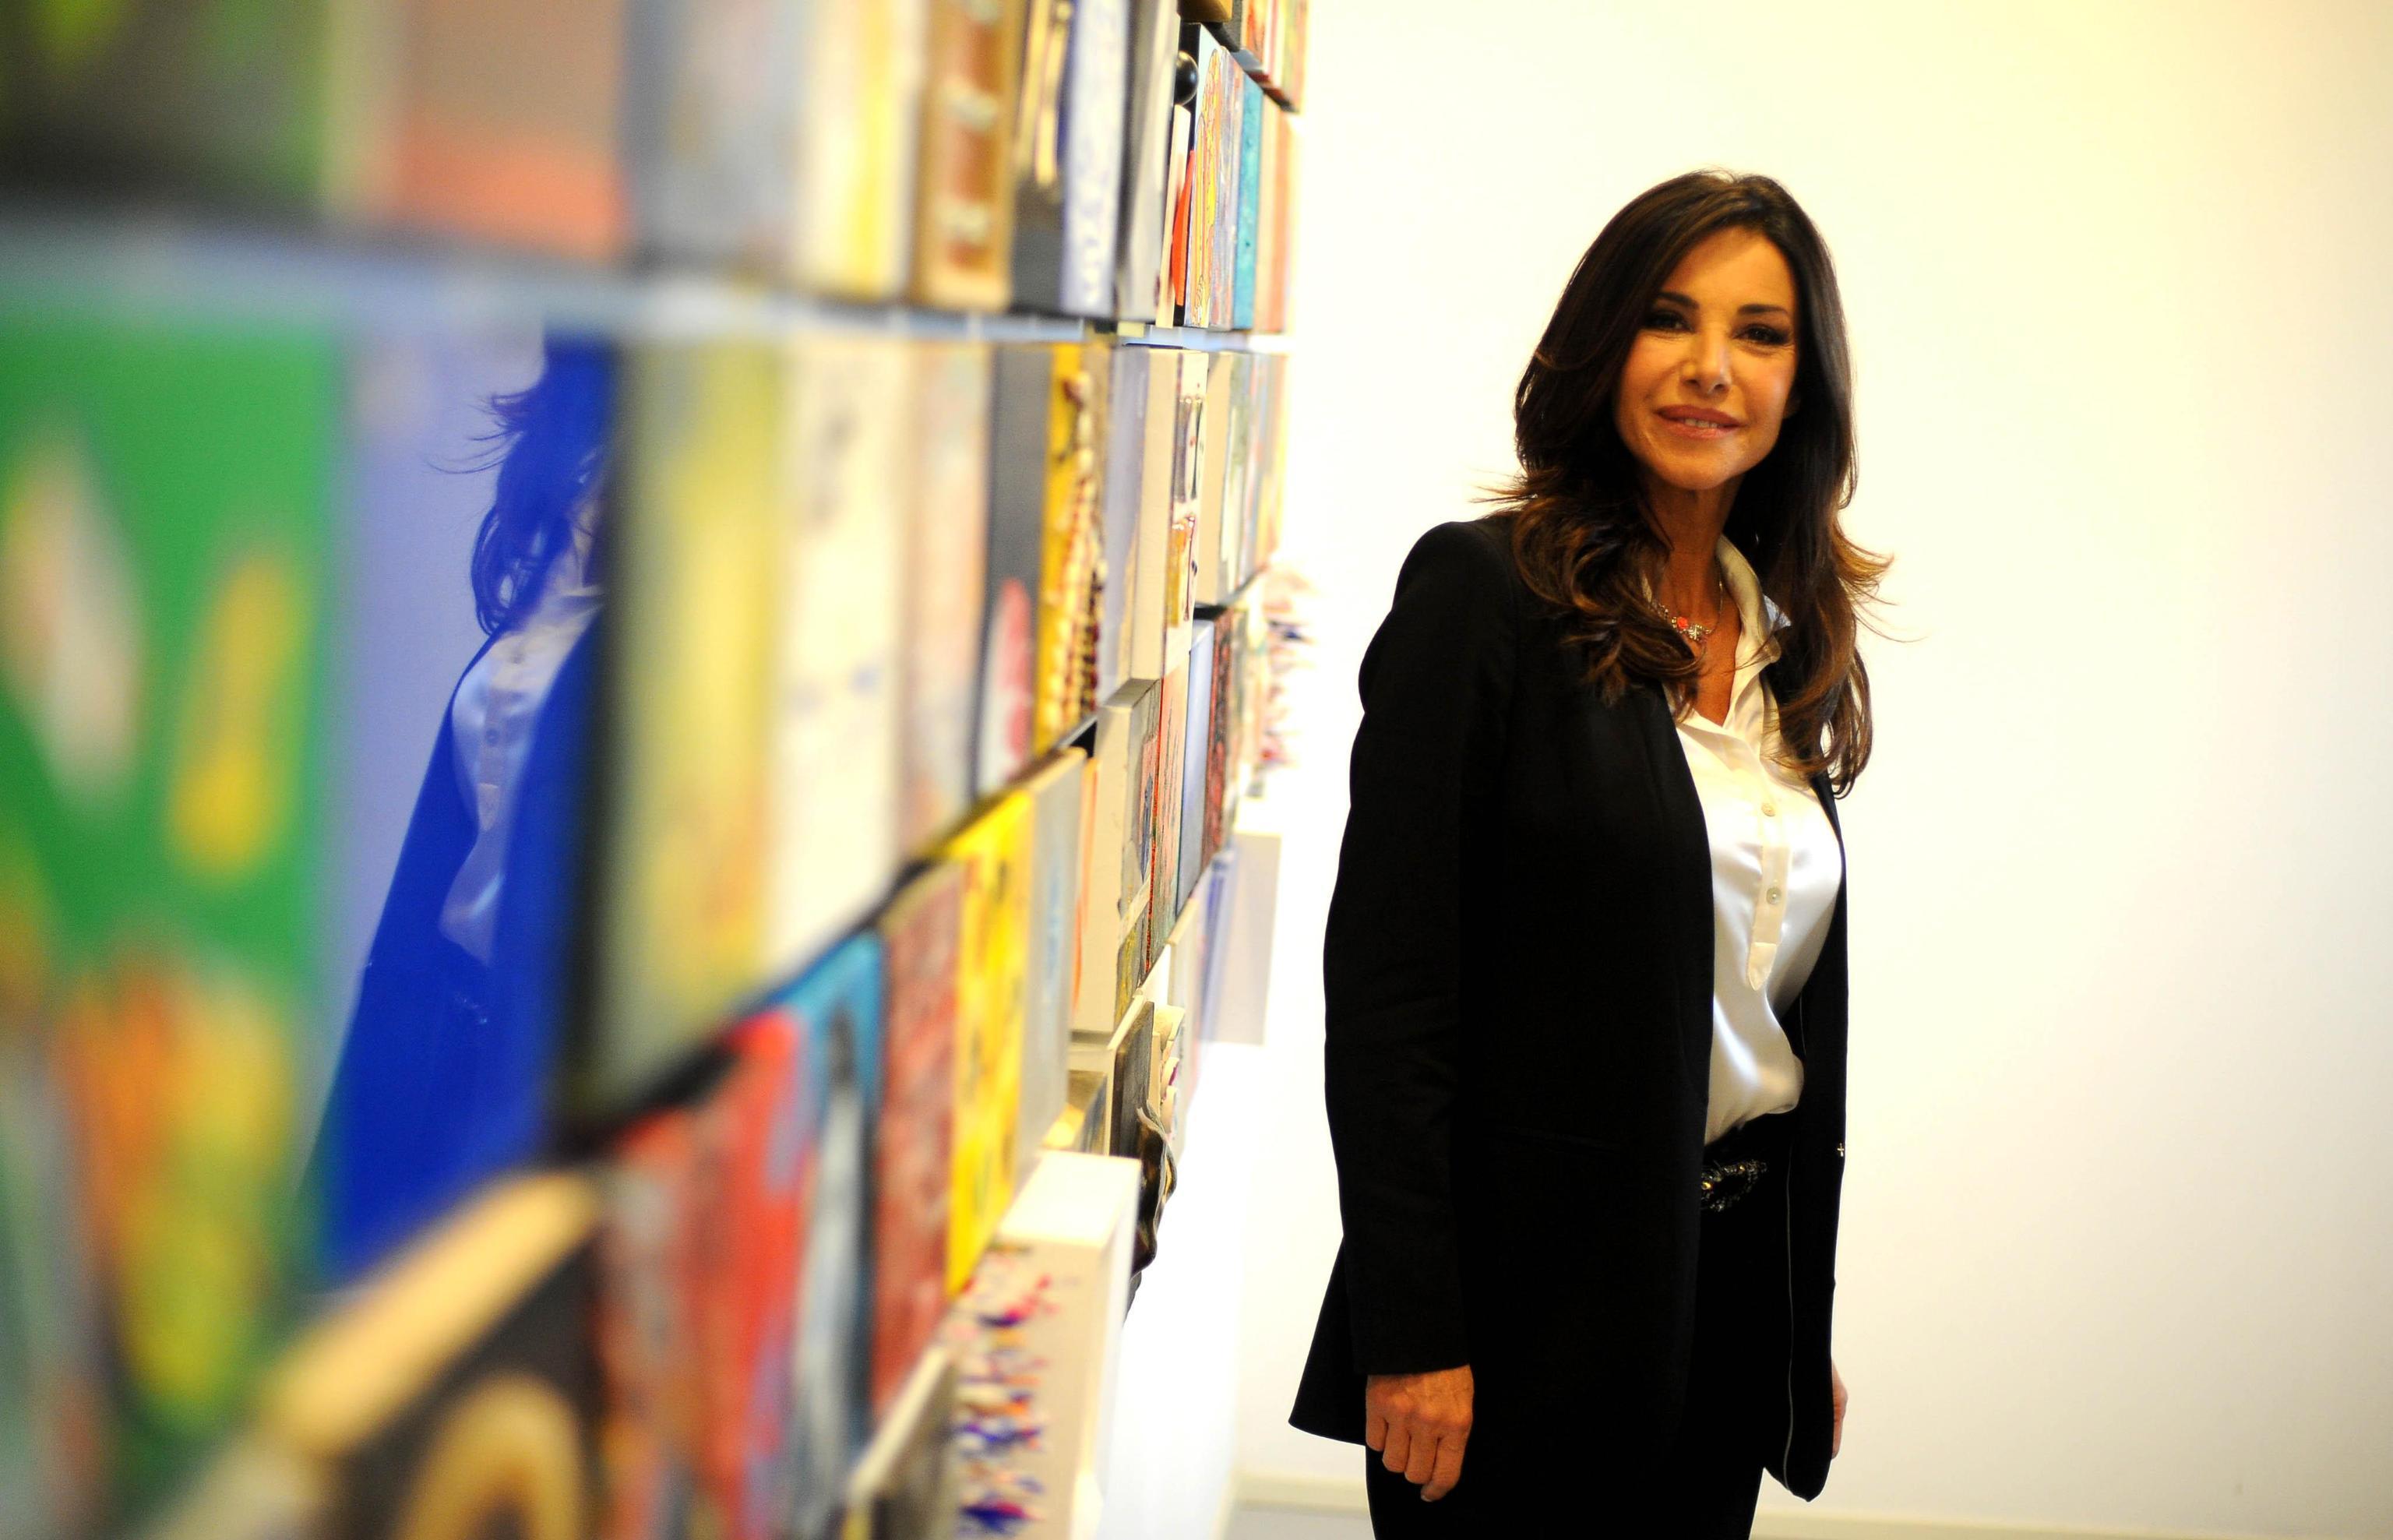 Emanuela Folliero, l'ultimo annuncio dopo 28 anni: 'Vi auguro una vita piena di gioie'